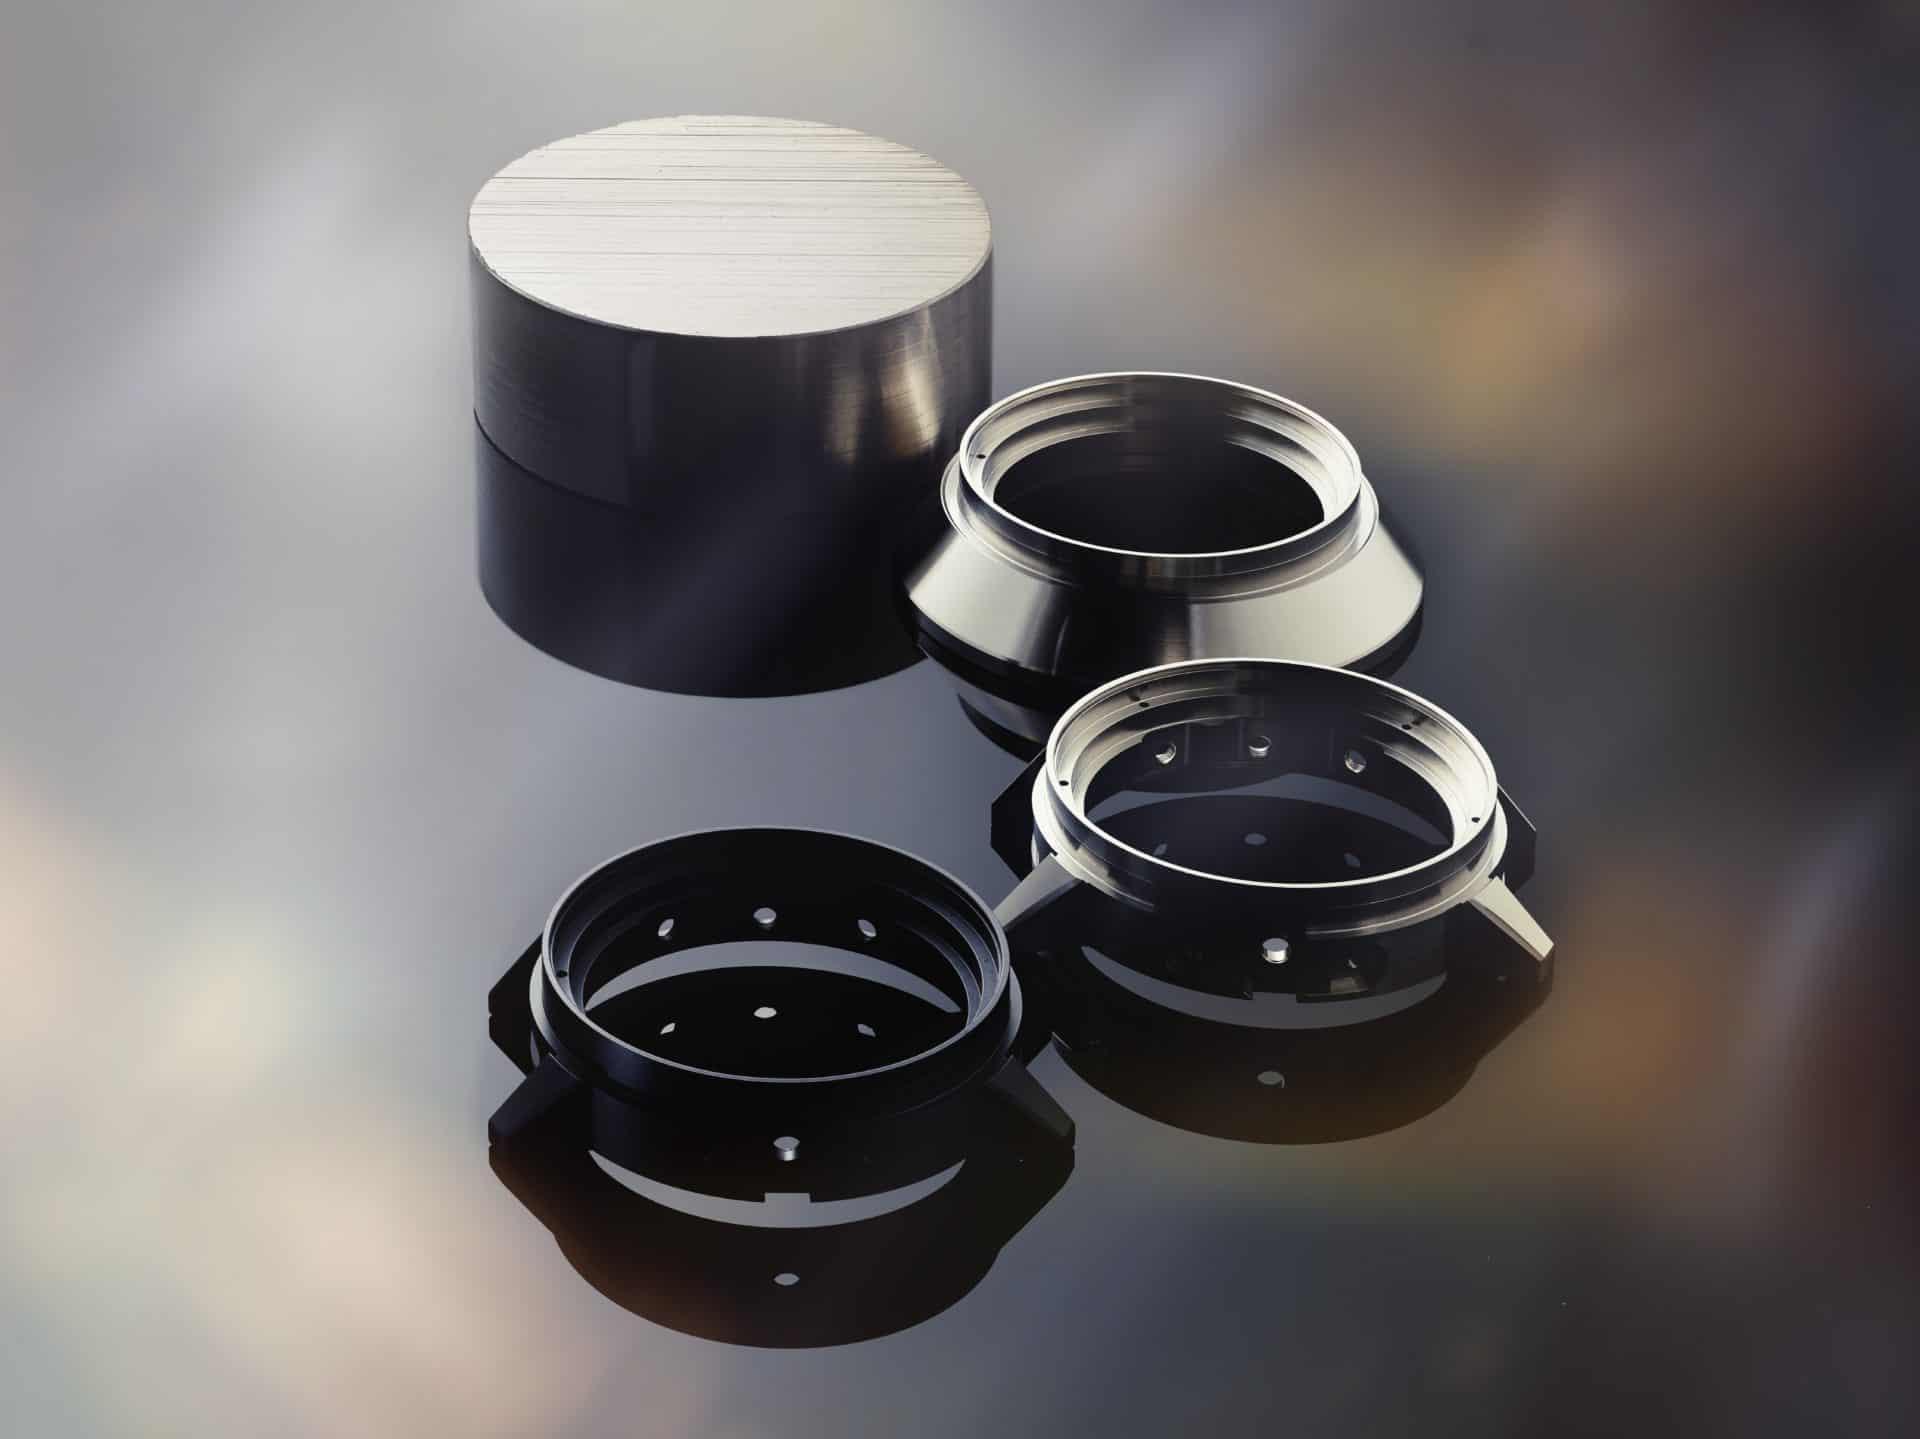 Stadien der innovativen Fertigung von Ceratanium-Schalen